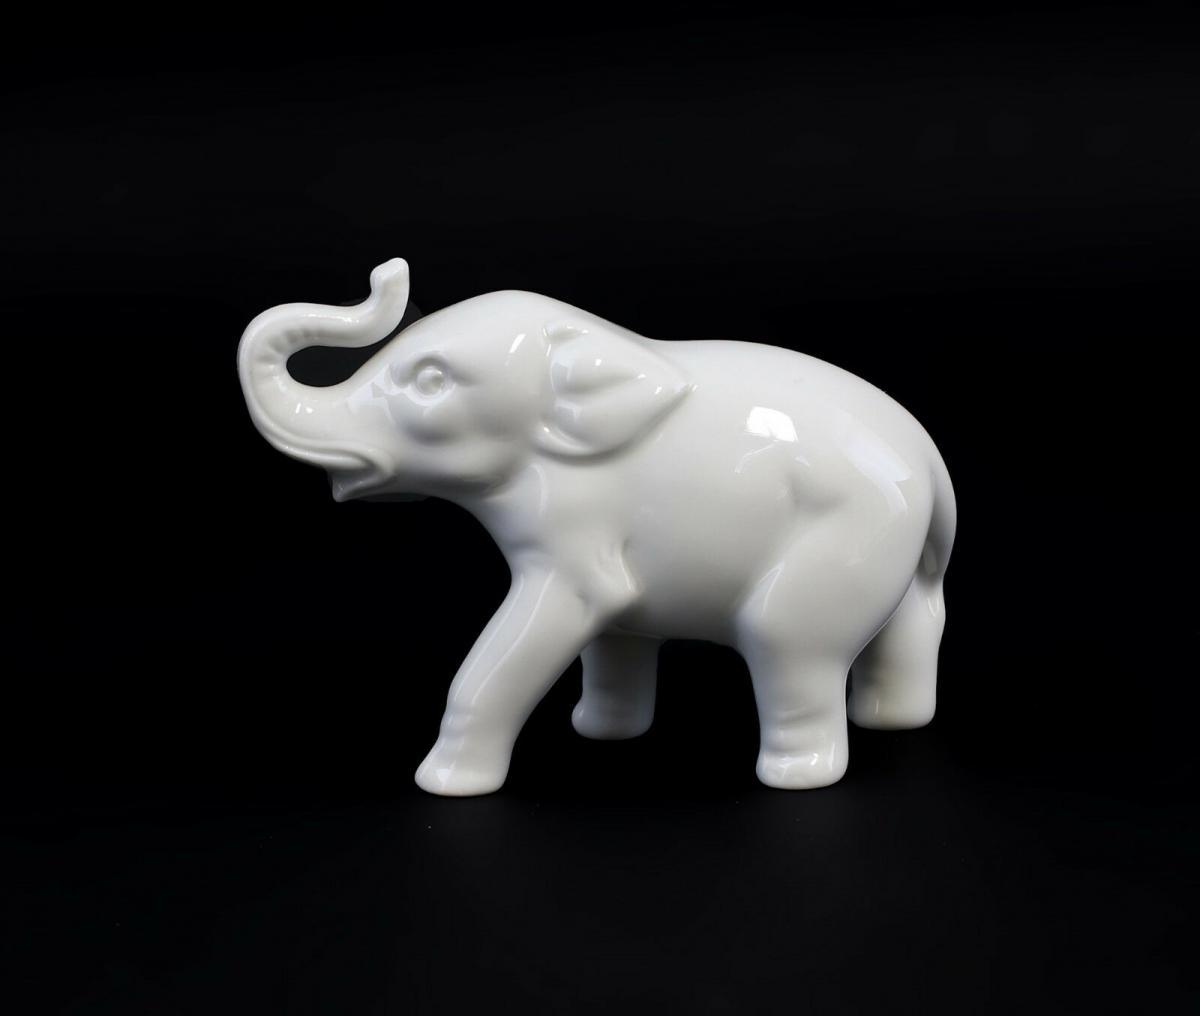 Porzellan Figur kleiner Elefant weiß Wagner&Apel 11,5x9cm 9942720